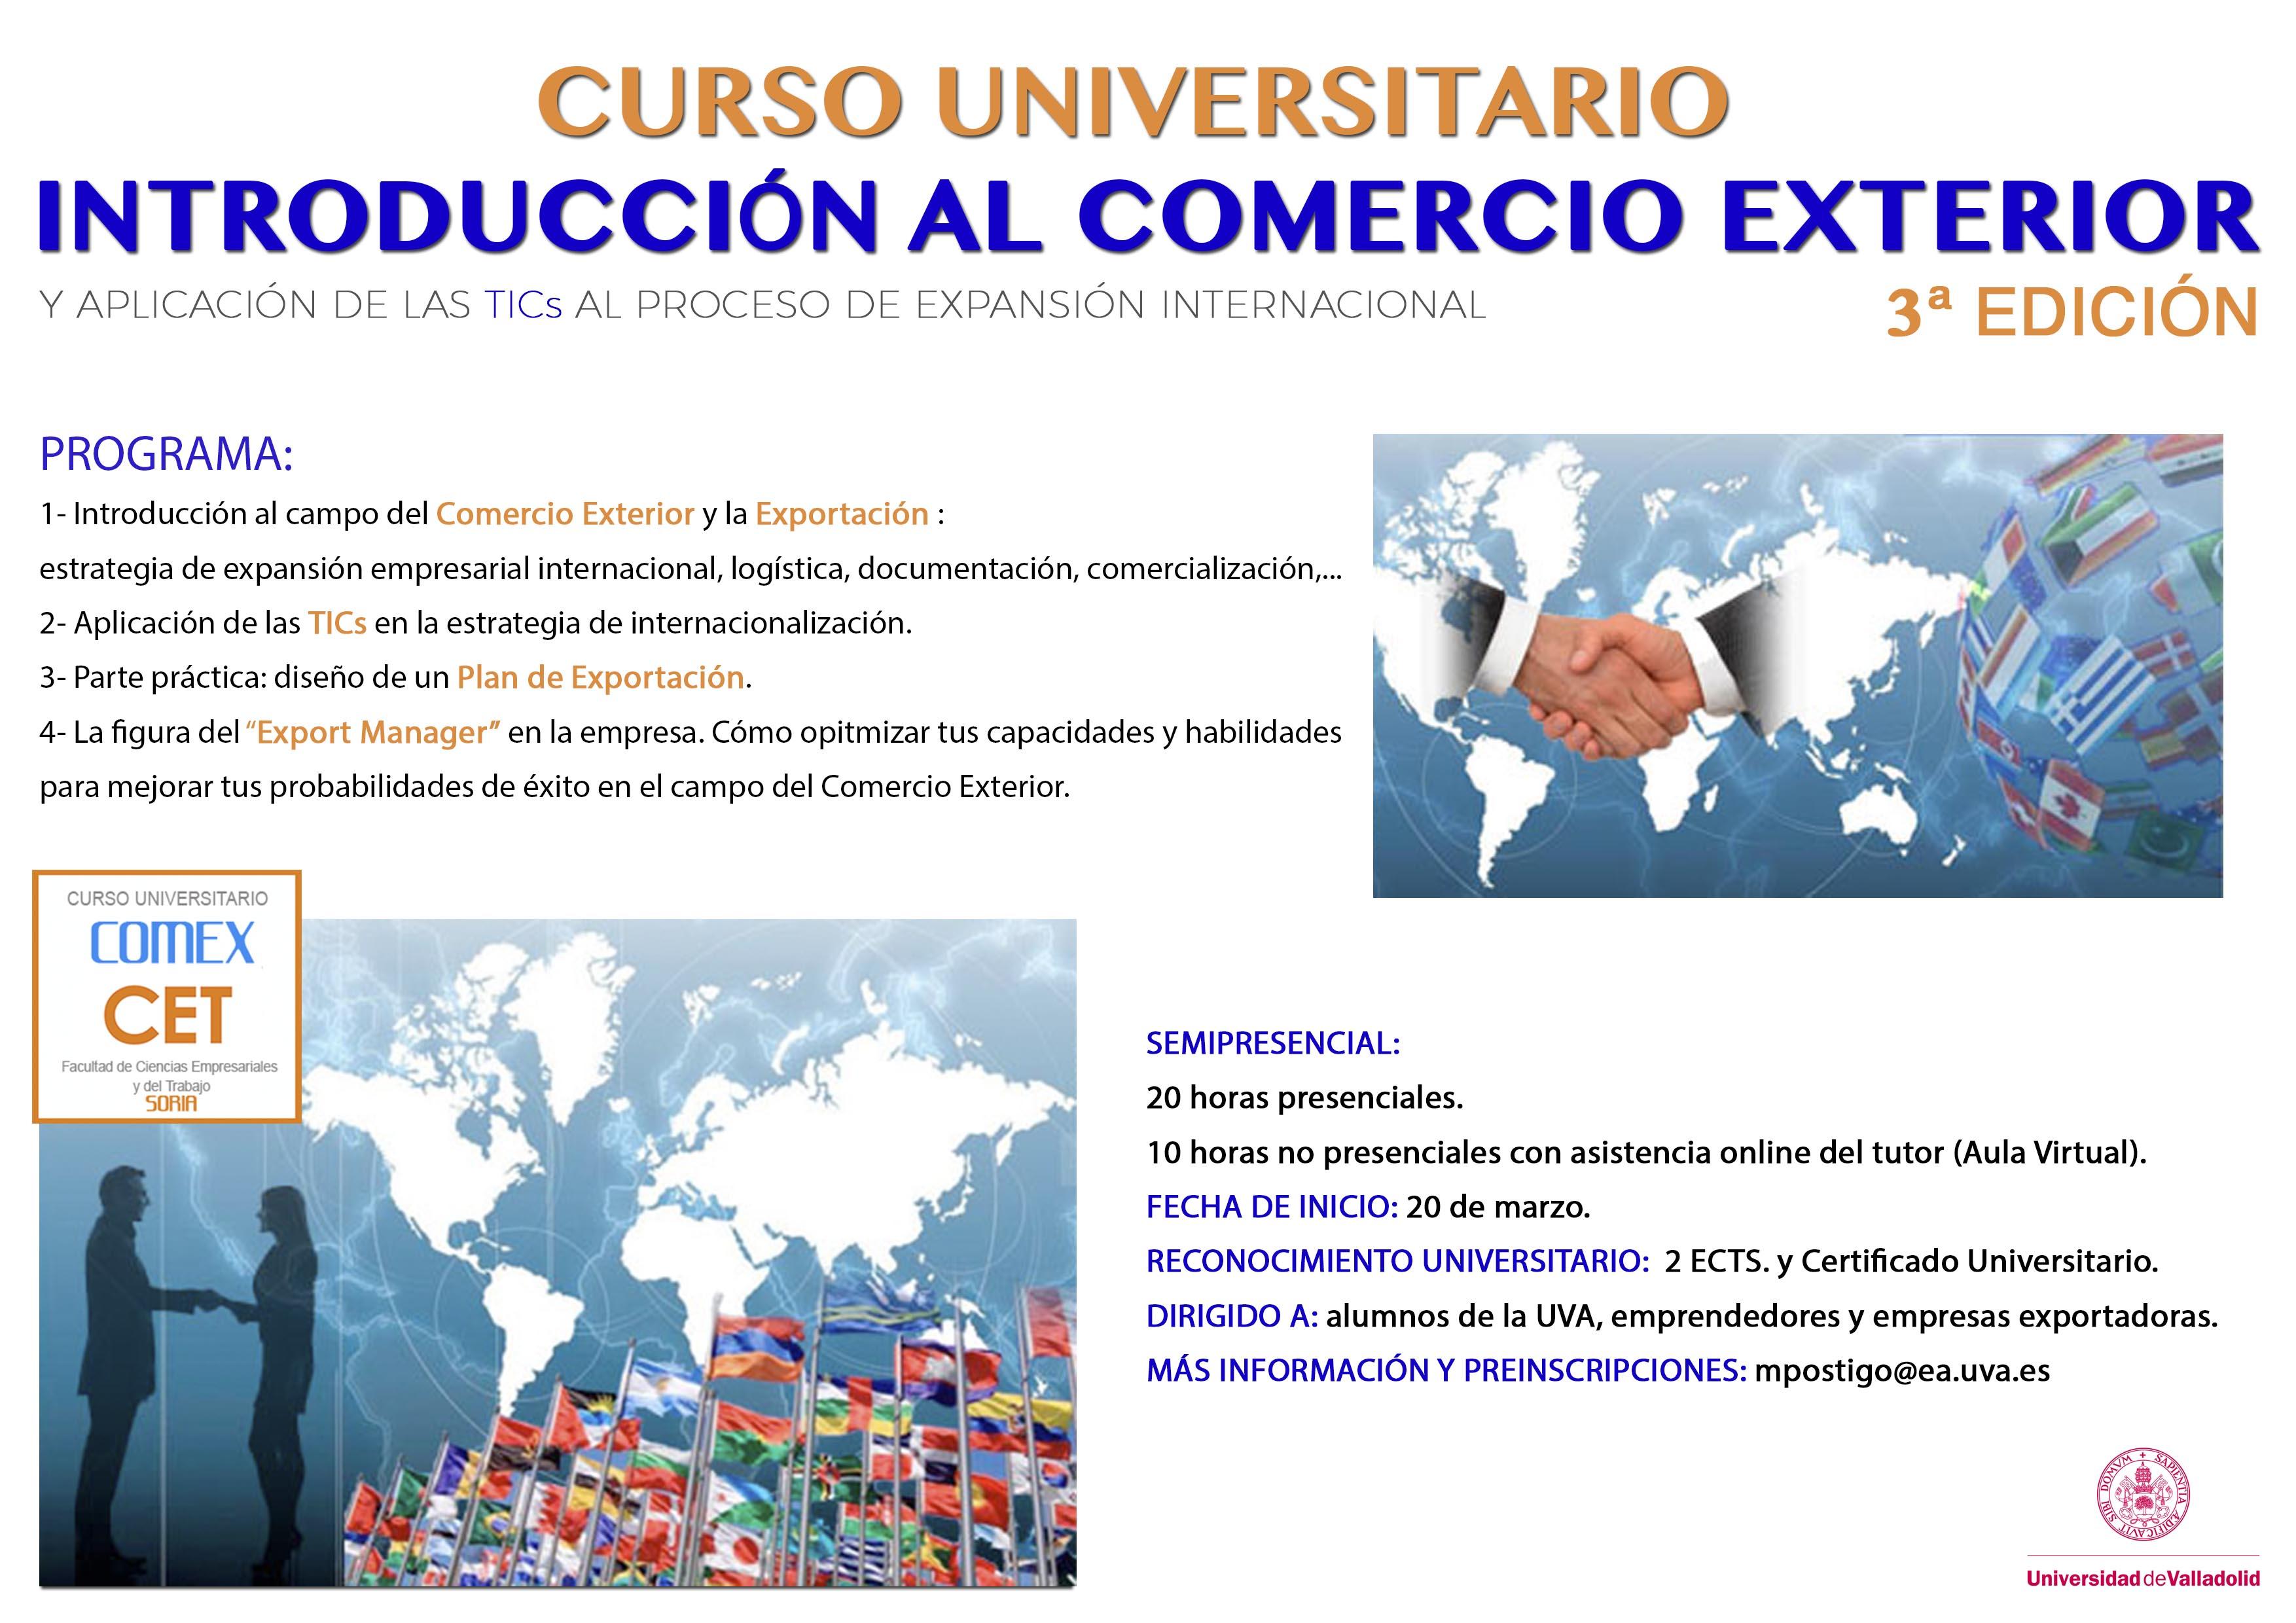 TRIPTICO CURSO COMEX 2017